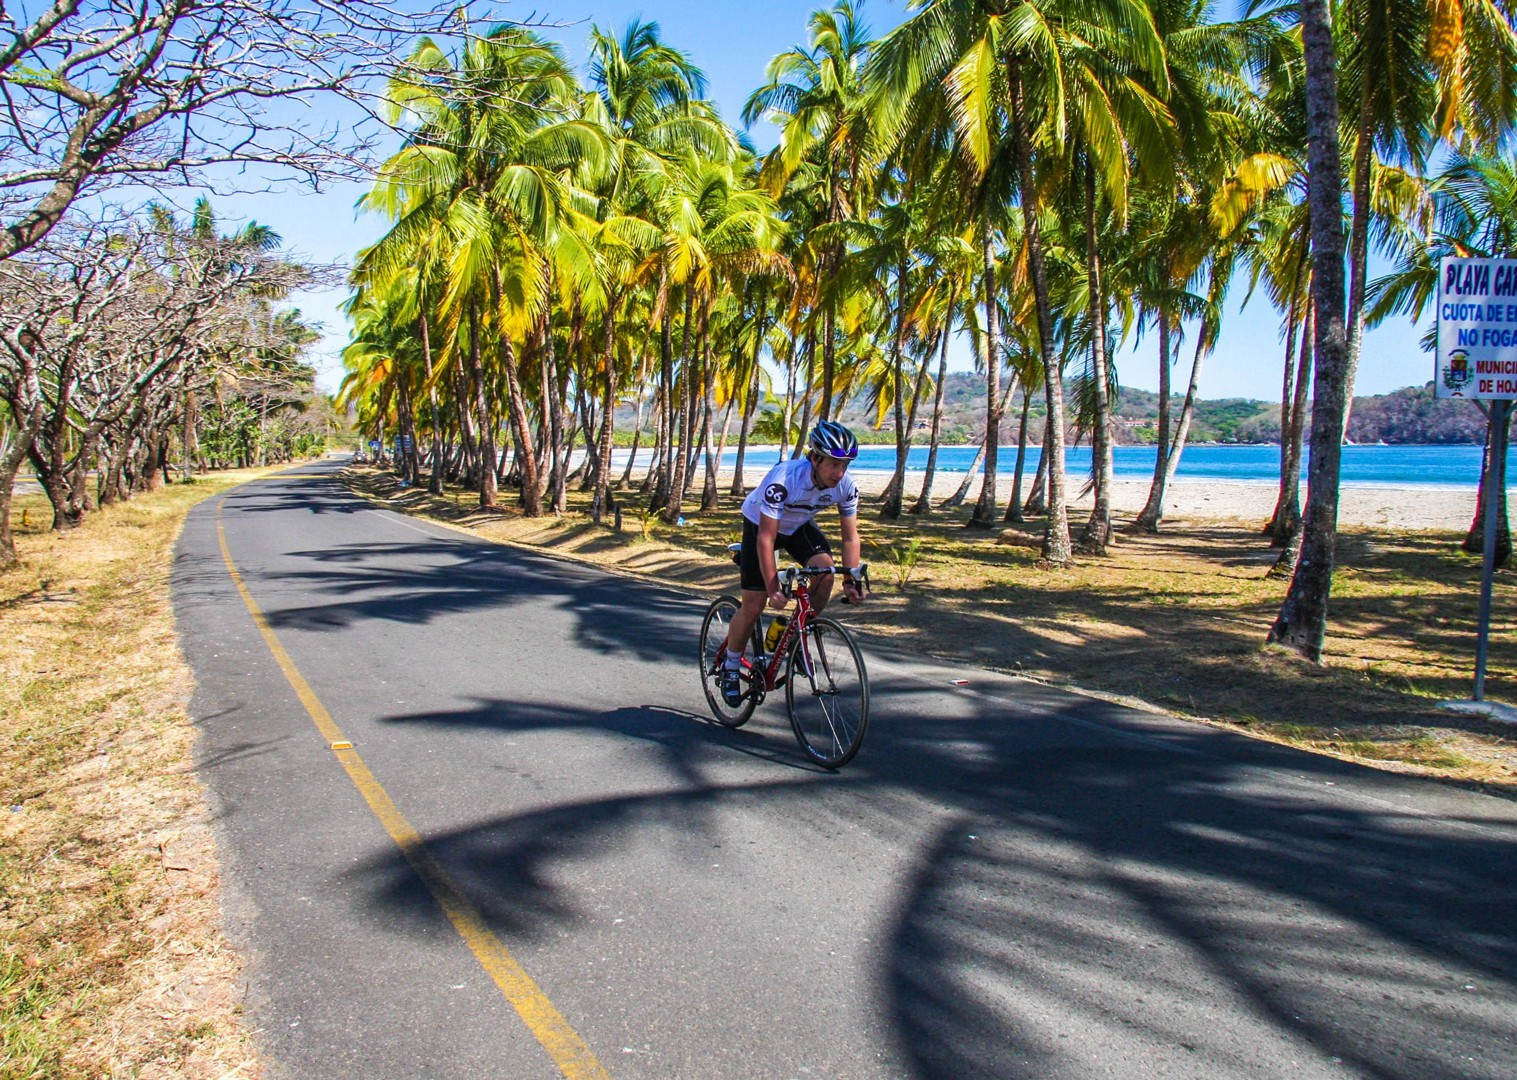 4885069690_55a367173e_o.jpg - Costa Rica - Ruta de los Volcanes - Road Cycling